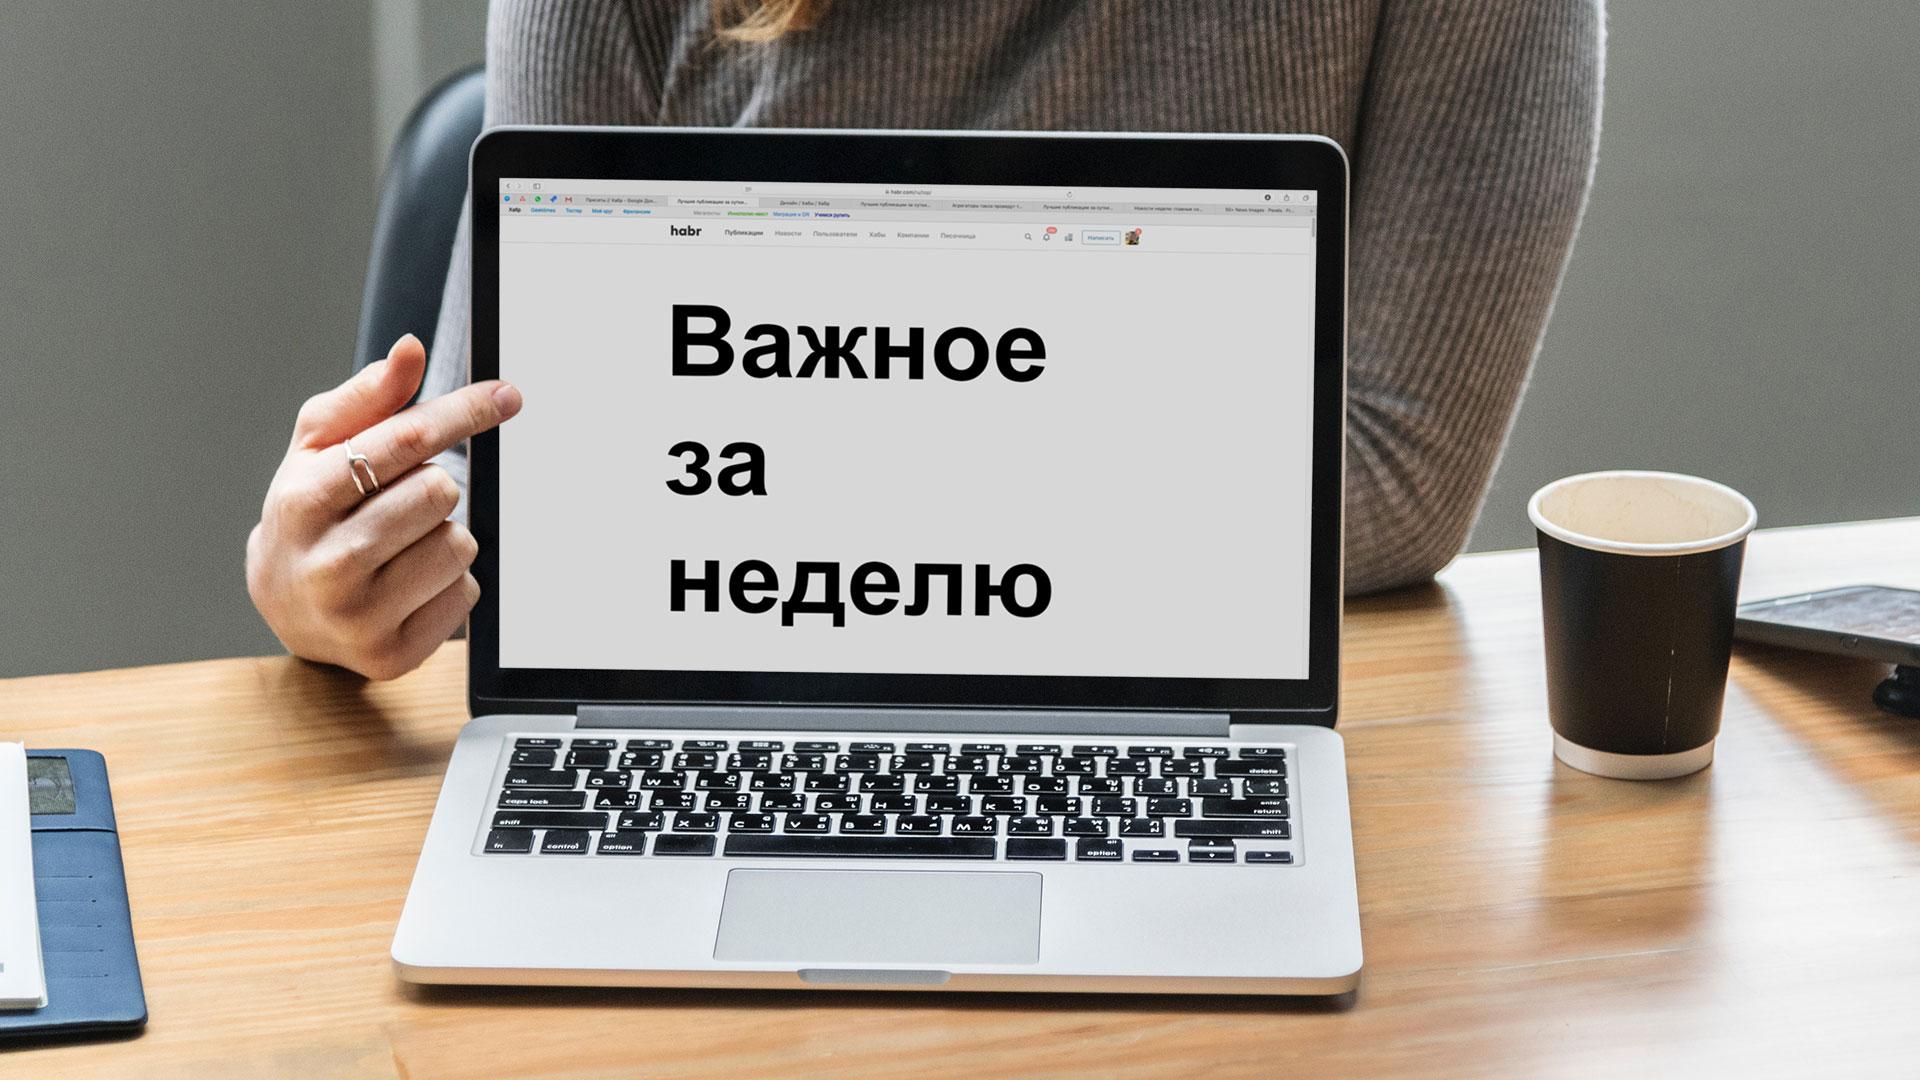 Новости недели: коллекторы хотят доступ к телефонам россиян, новое ядро Linux 5.1, утечка данных Samsung - 1